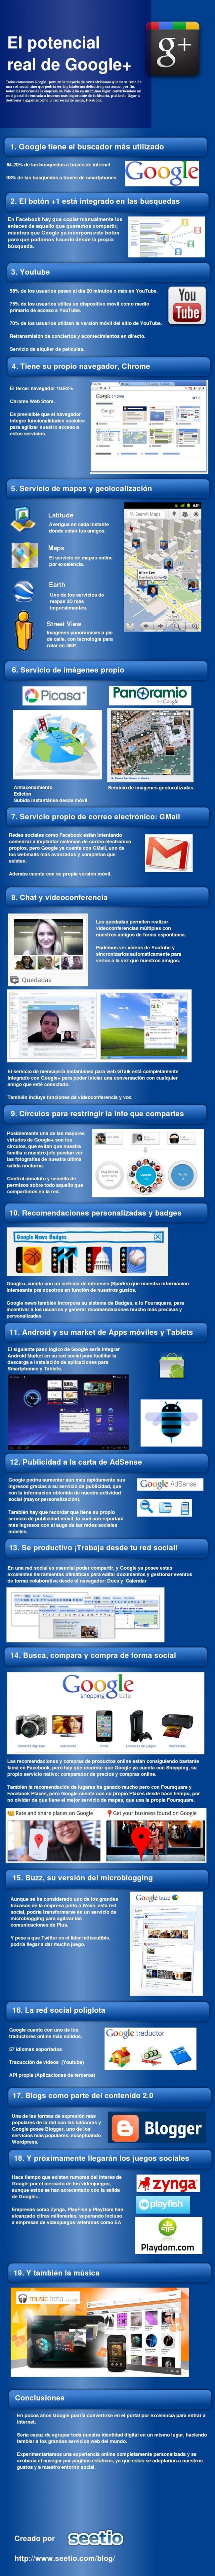 infografia-Google